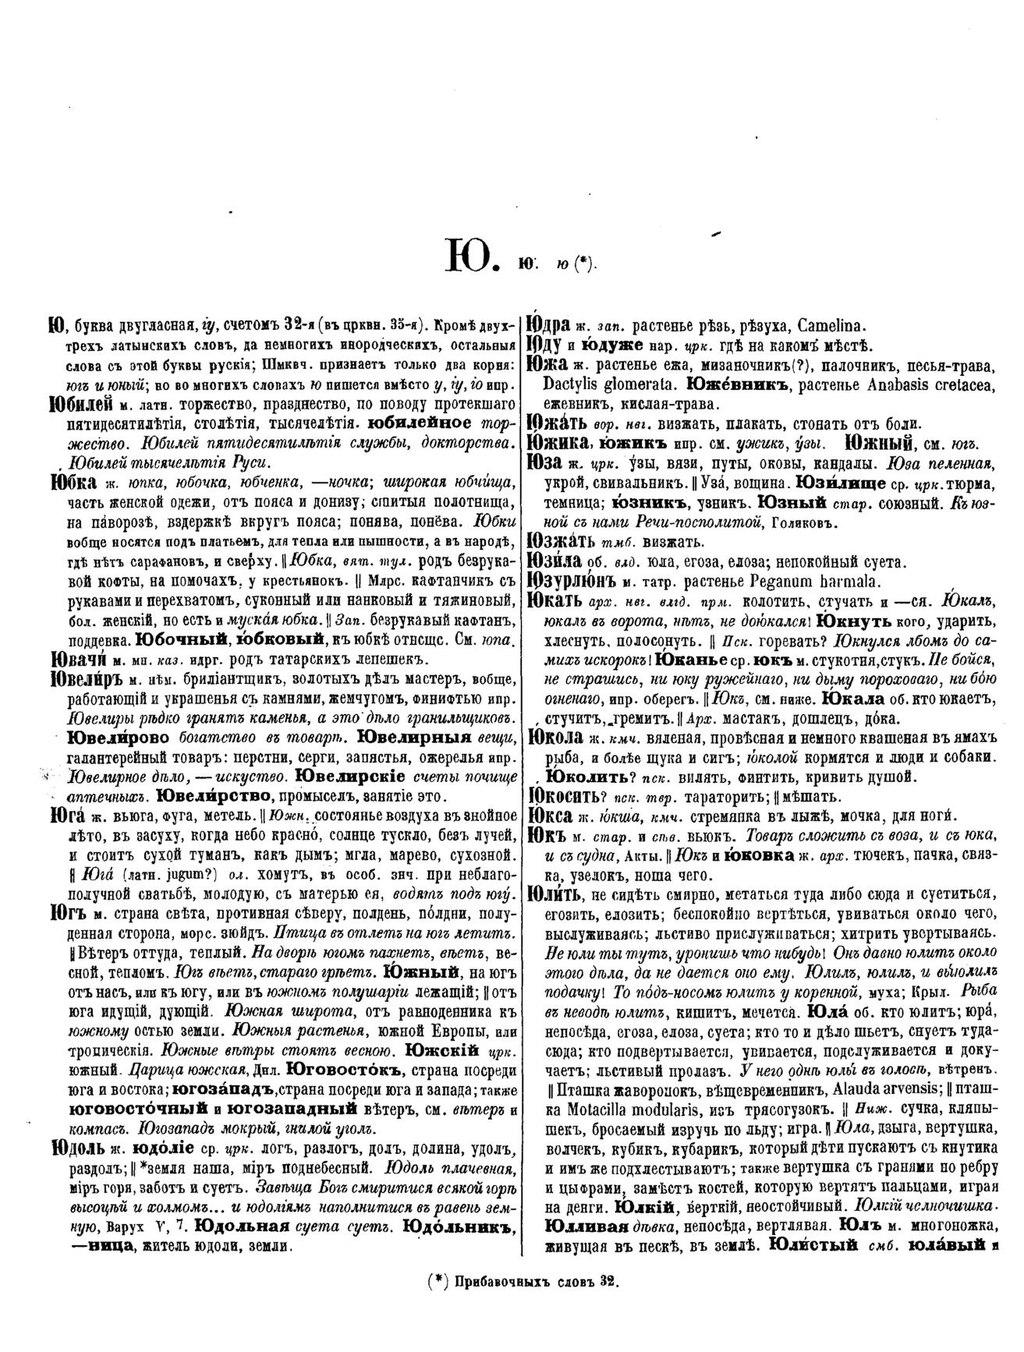 толковый словарь даля скачать бесплатно pdf